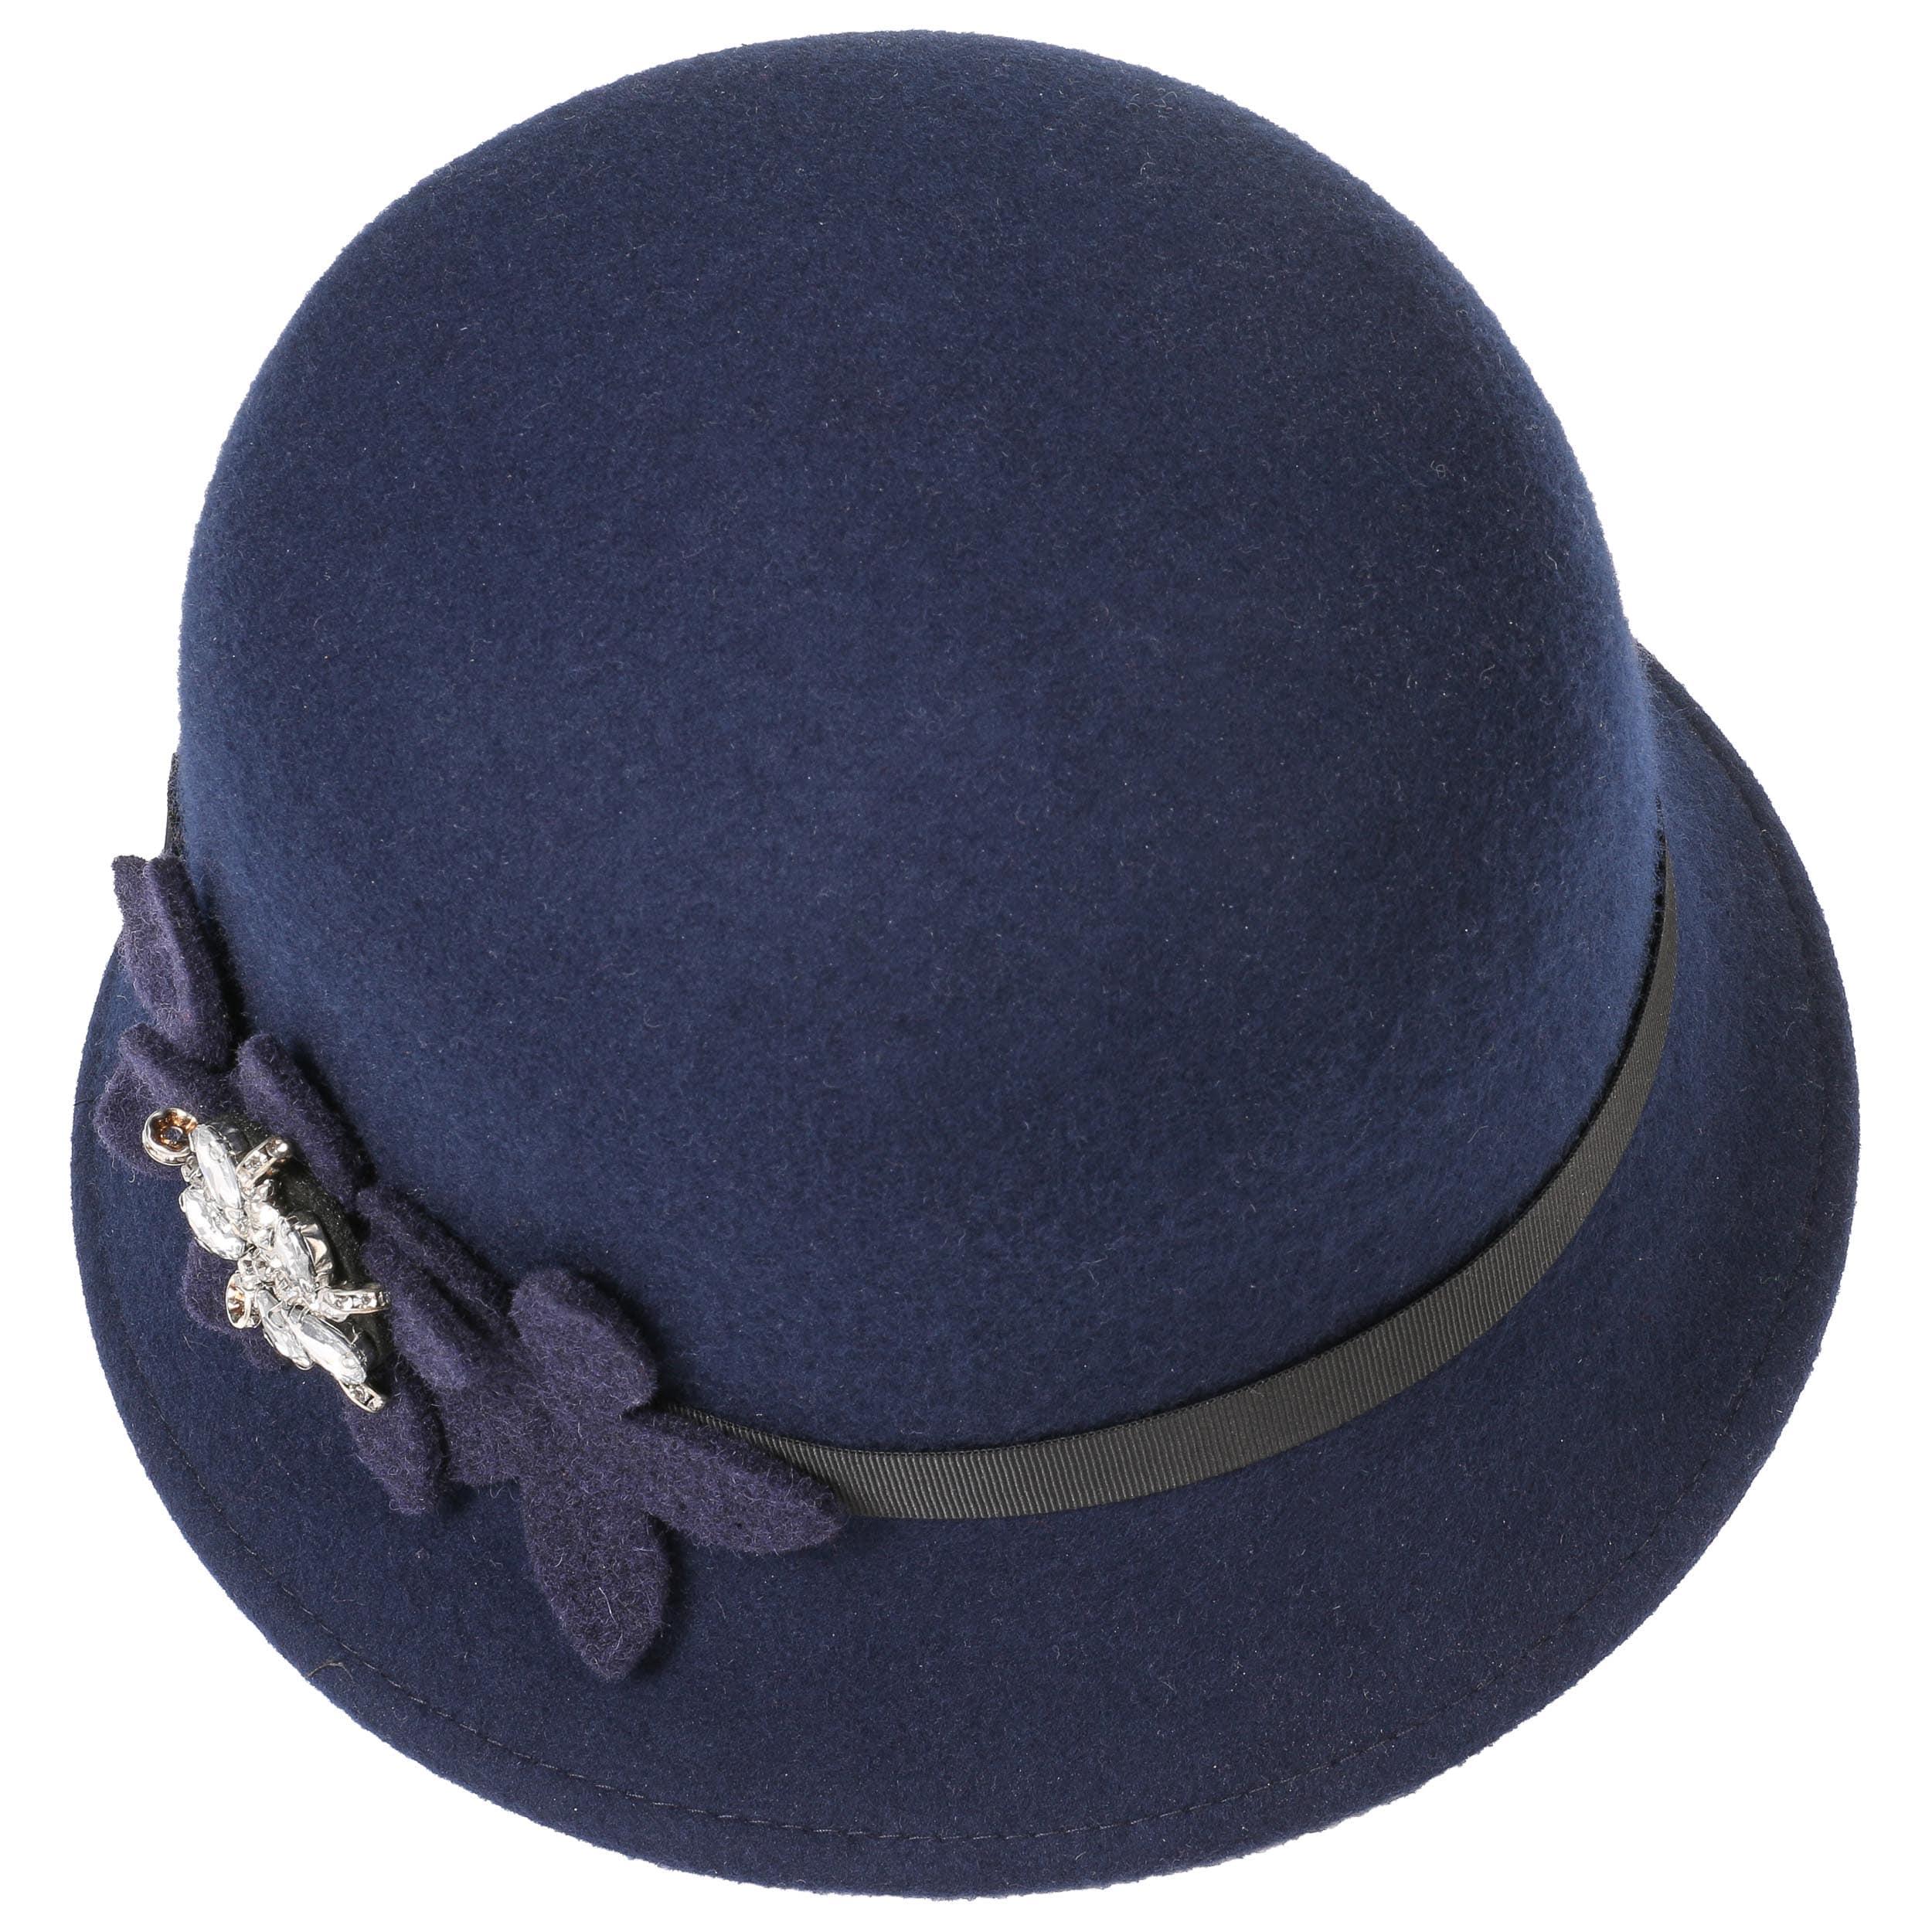 ... Sombrero Cloché con Flores y Estrás by Lipodo - azul 1 ... 0a83d087672